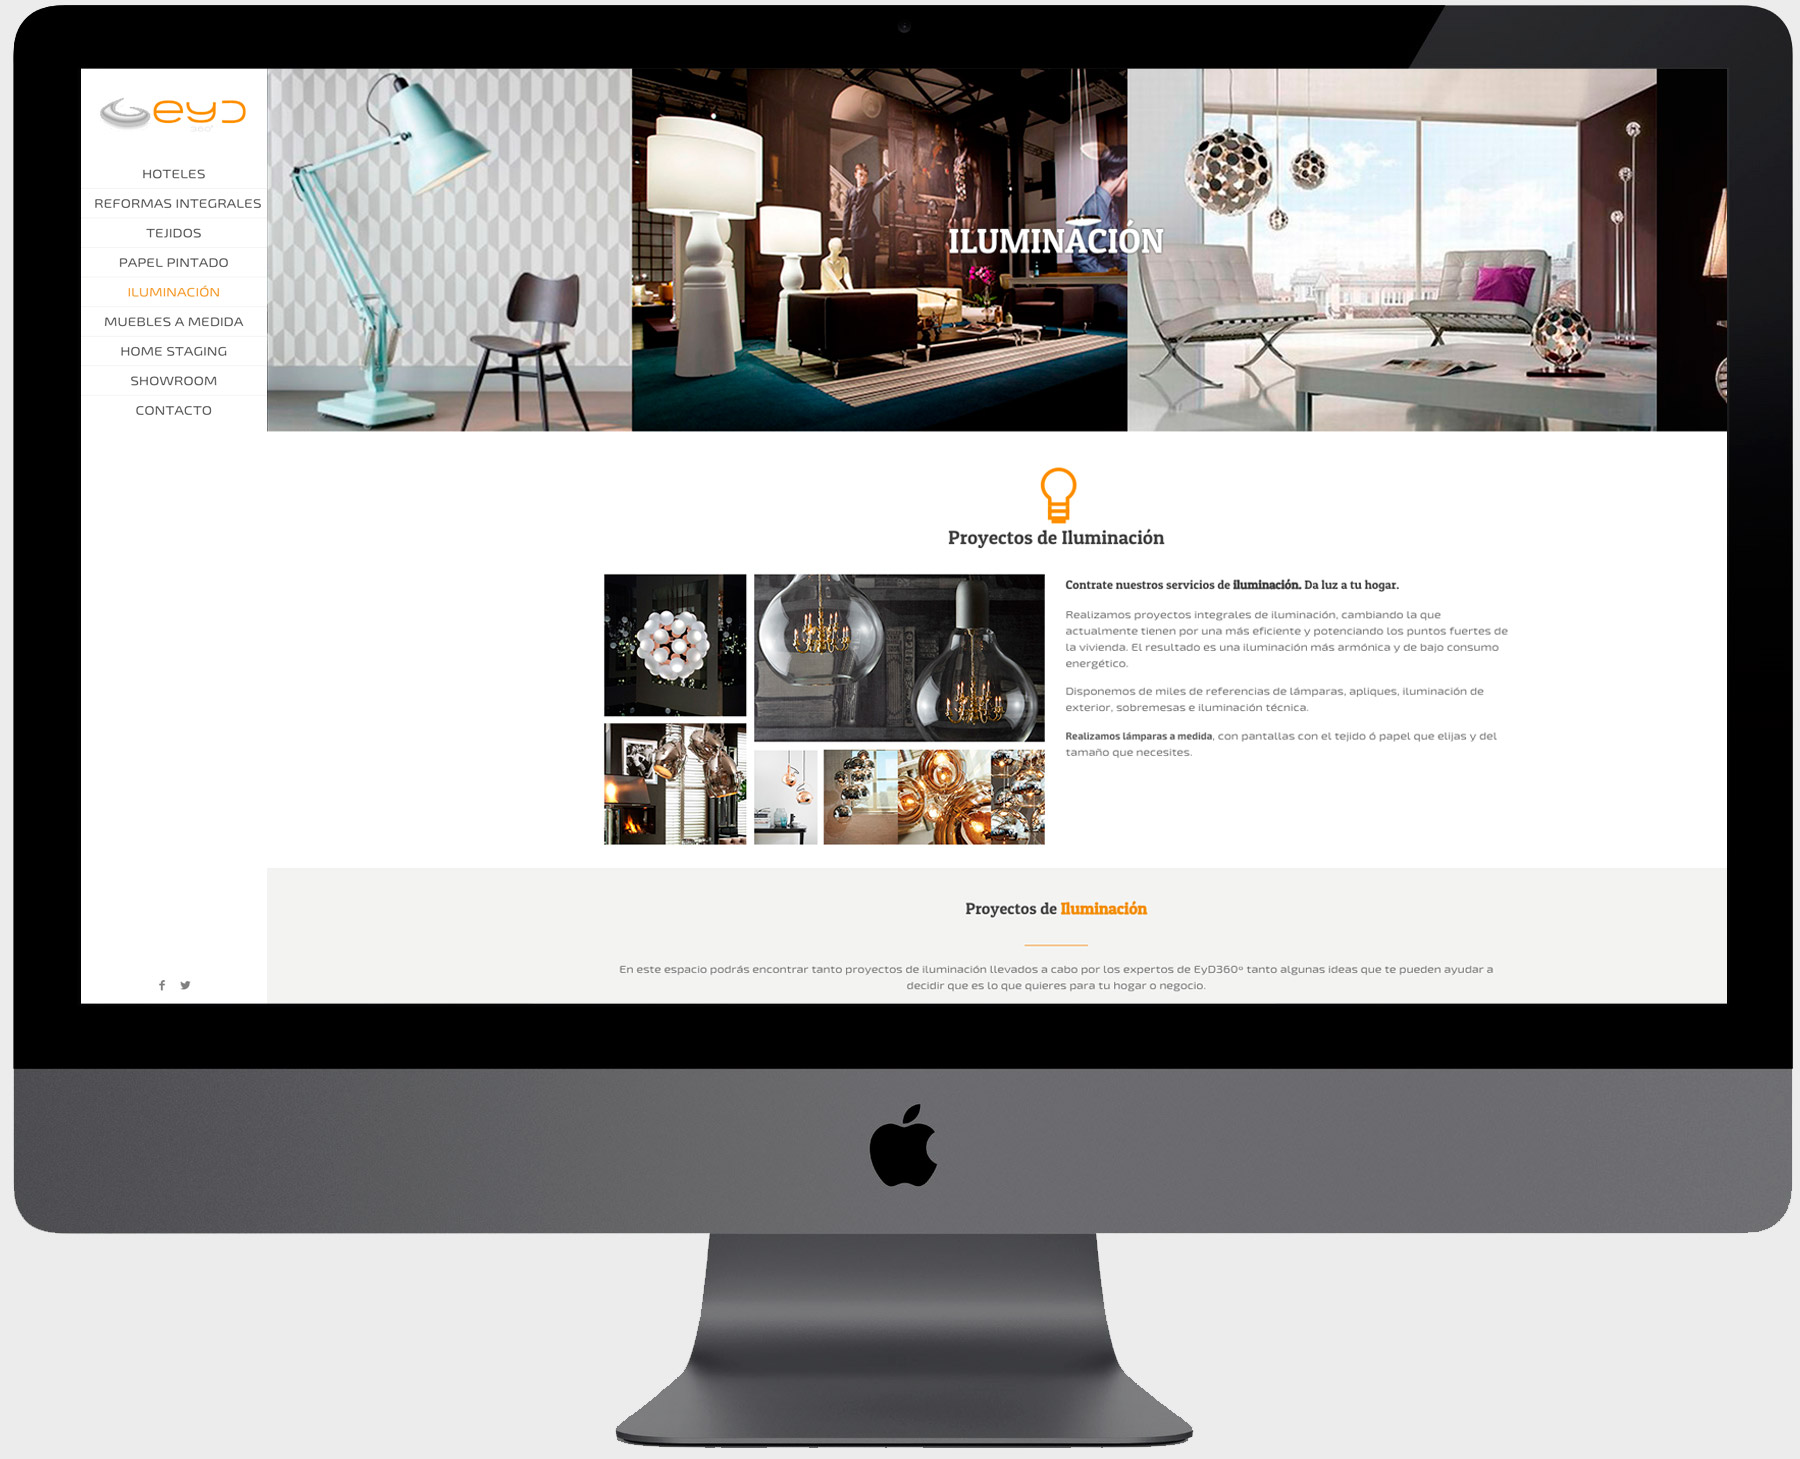 Diseño de página web responsive